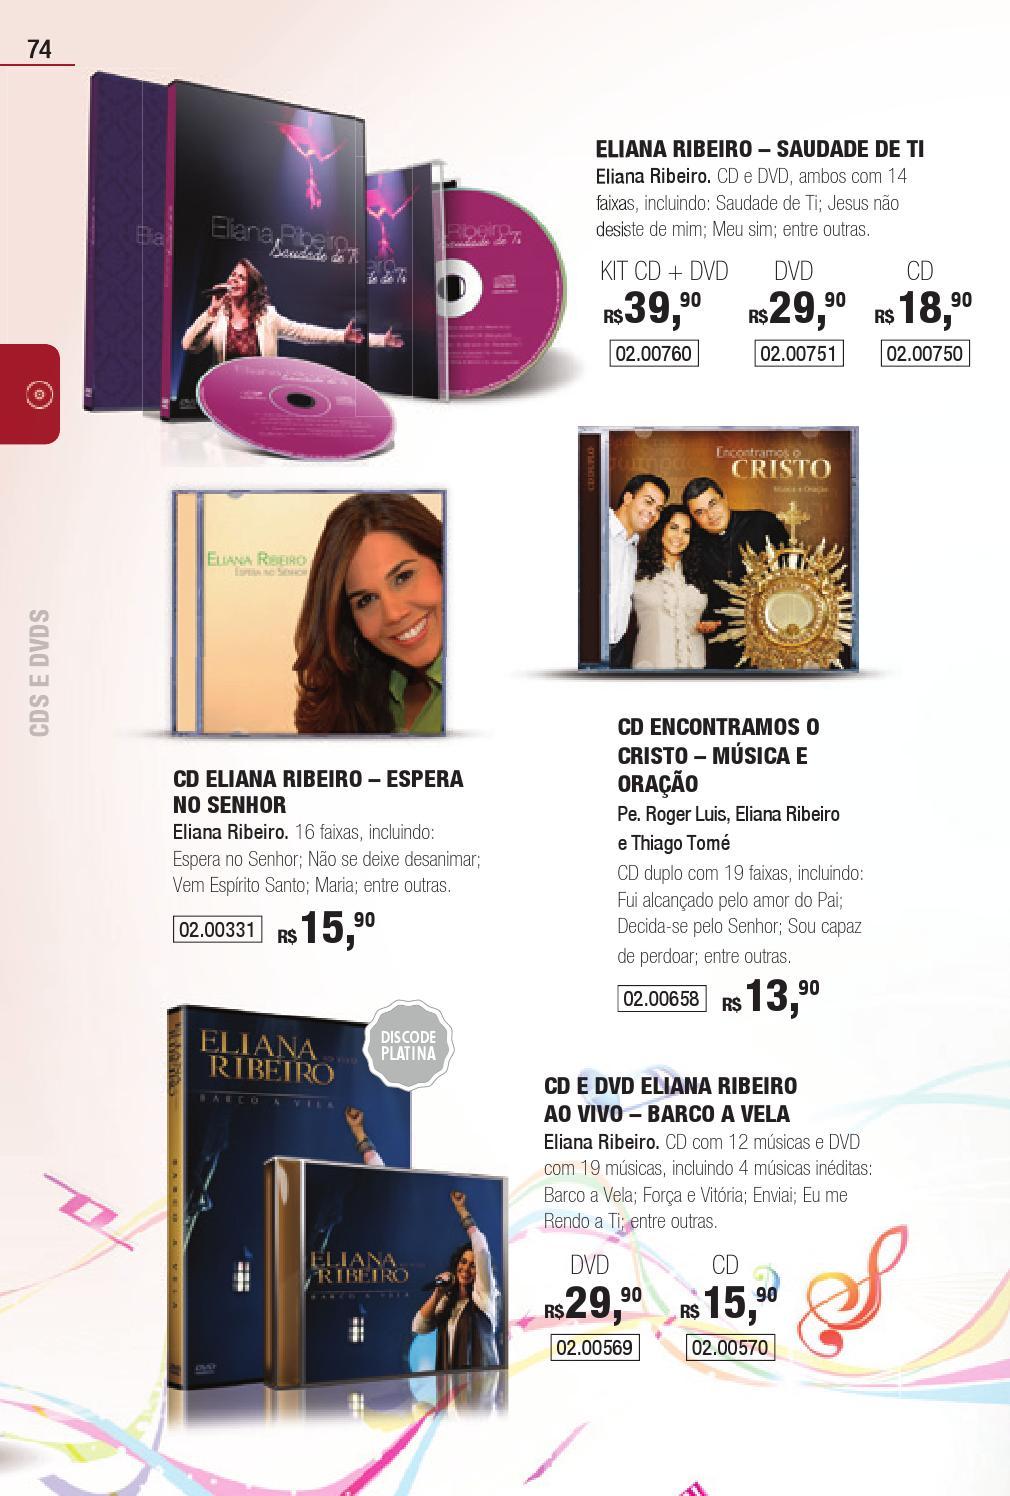 BARCO RIBEIRO AO VIVO BAIXAR A VELA ELIANA CD